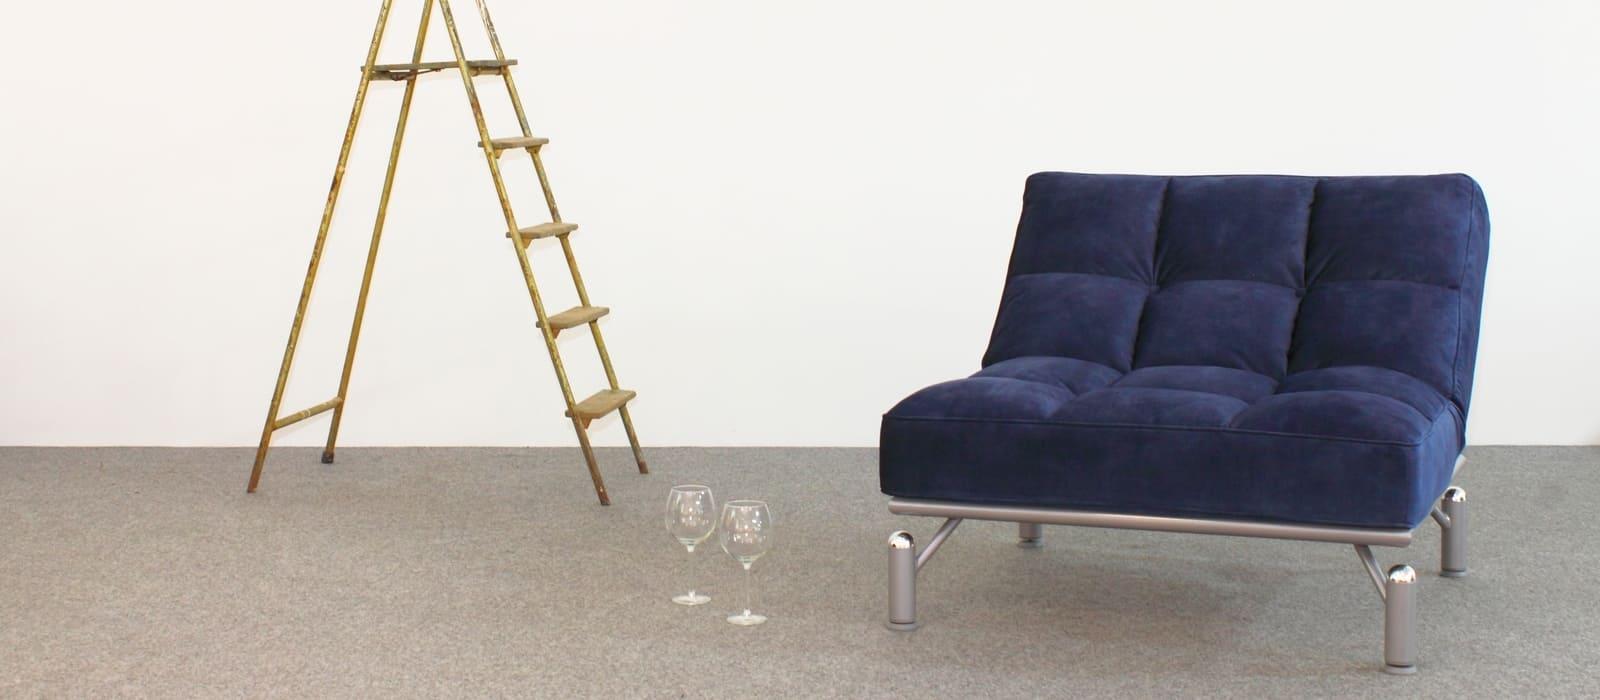 Кресла для лофт интерьера